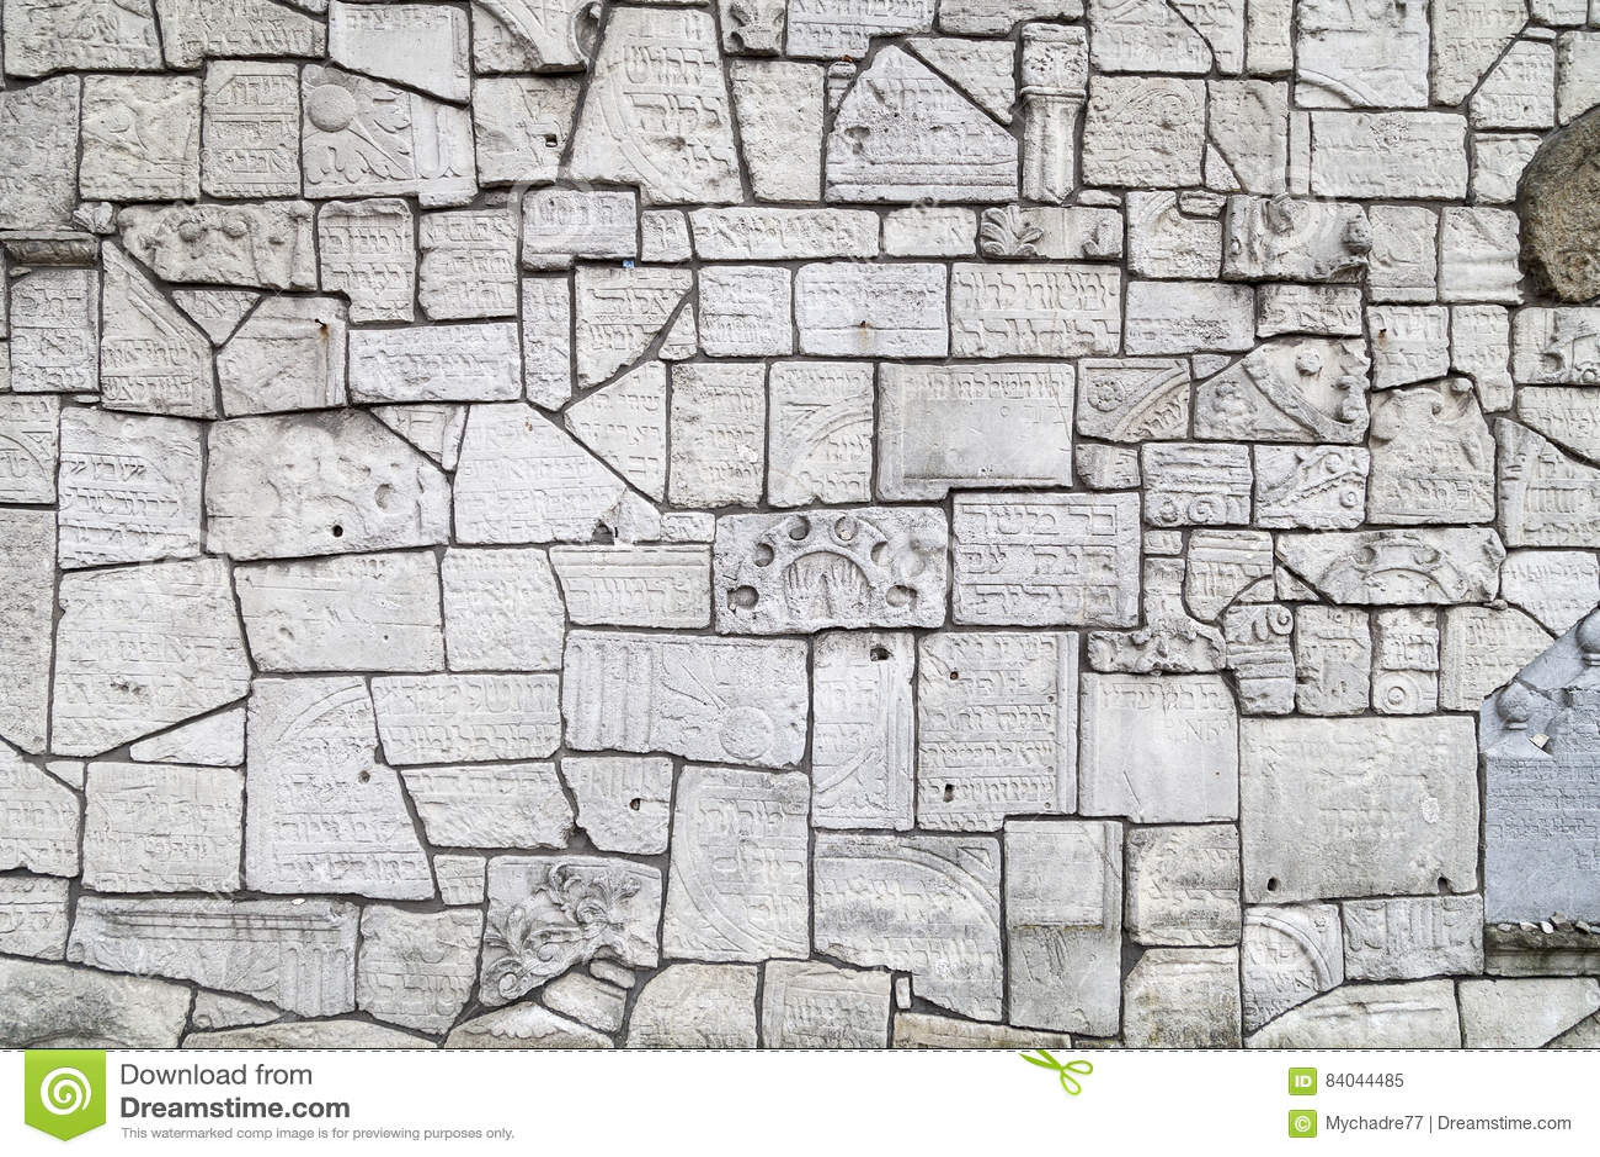 Pared que se lamenta en el cementerio de Remuh construido con los fragmentos de piedras sepulcrales judías, Kraków, Polonia